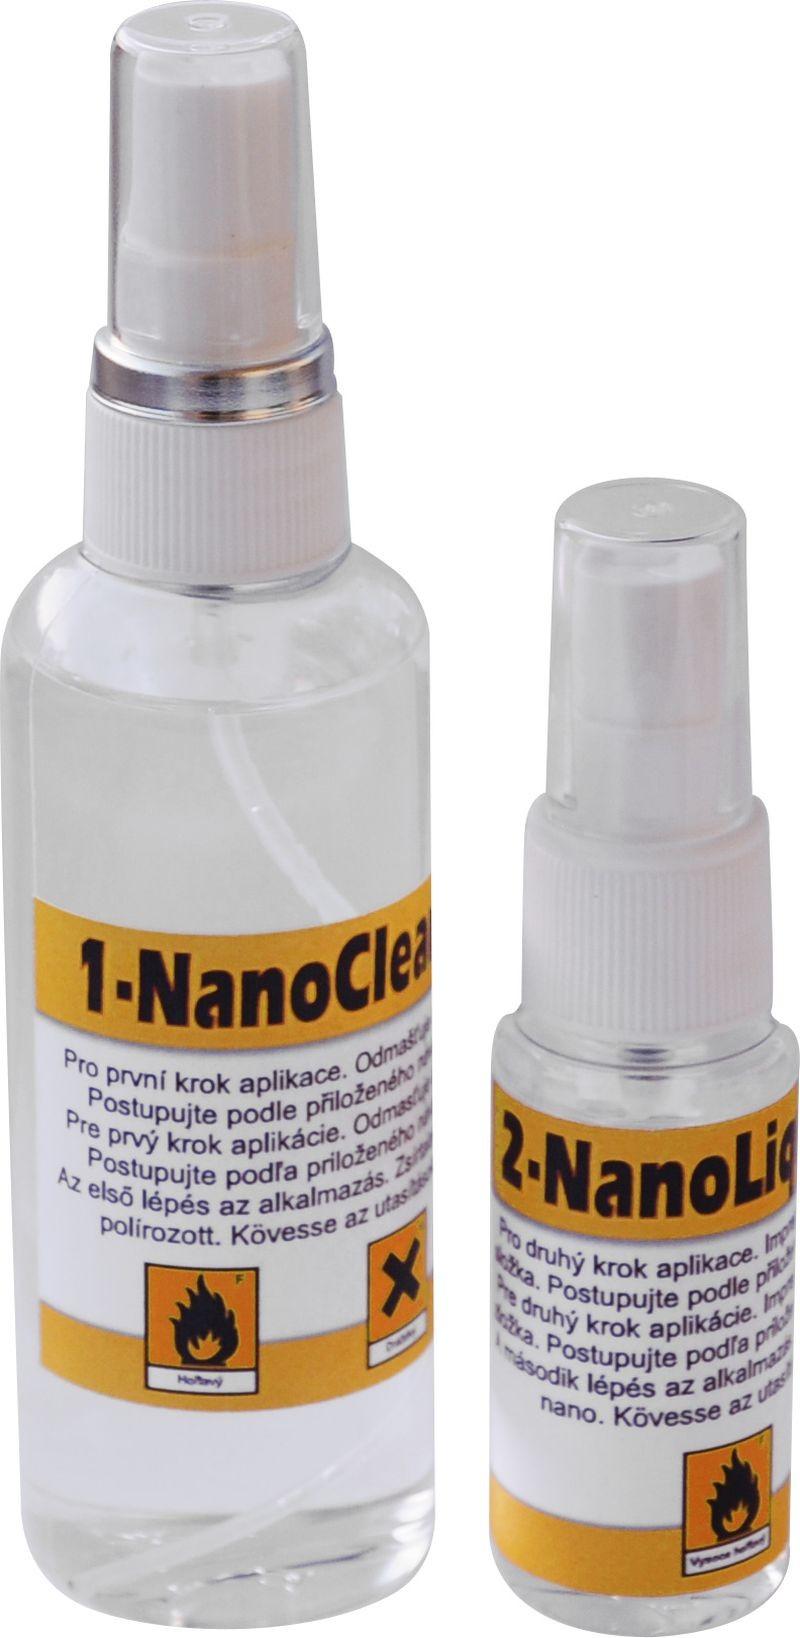 Čistící a ochranný prostředek NanoStar kov